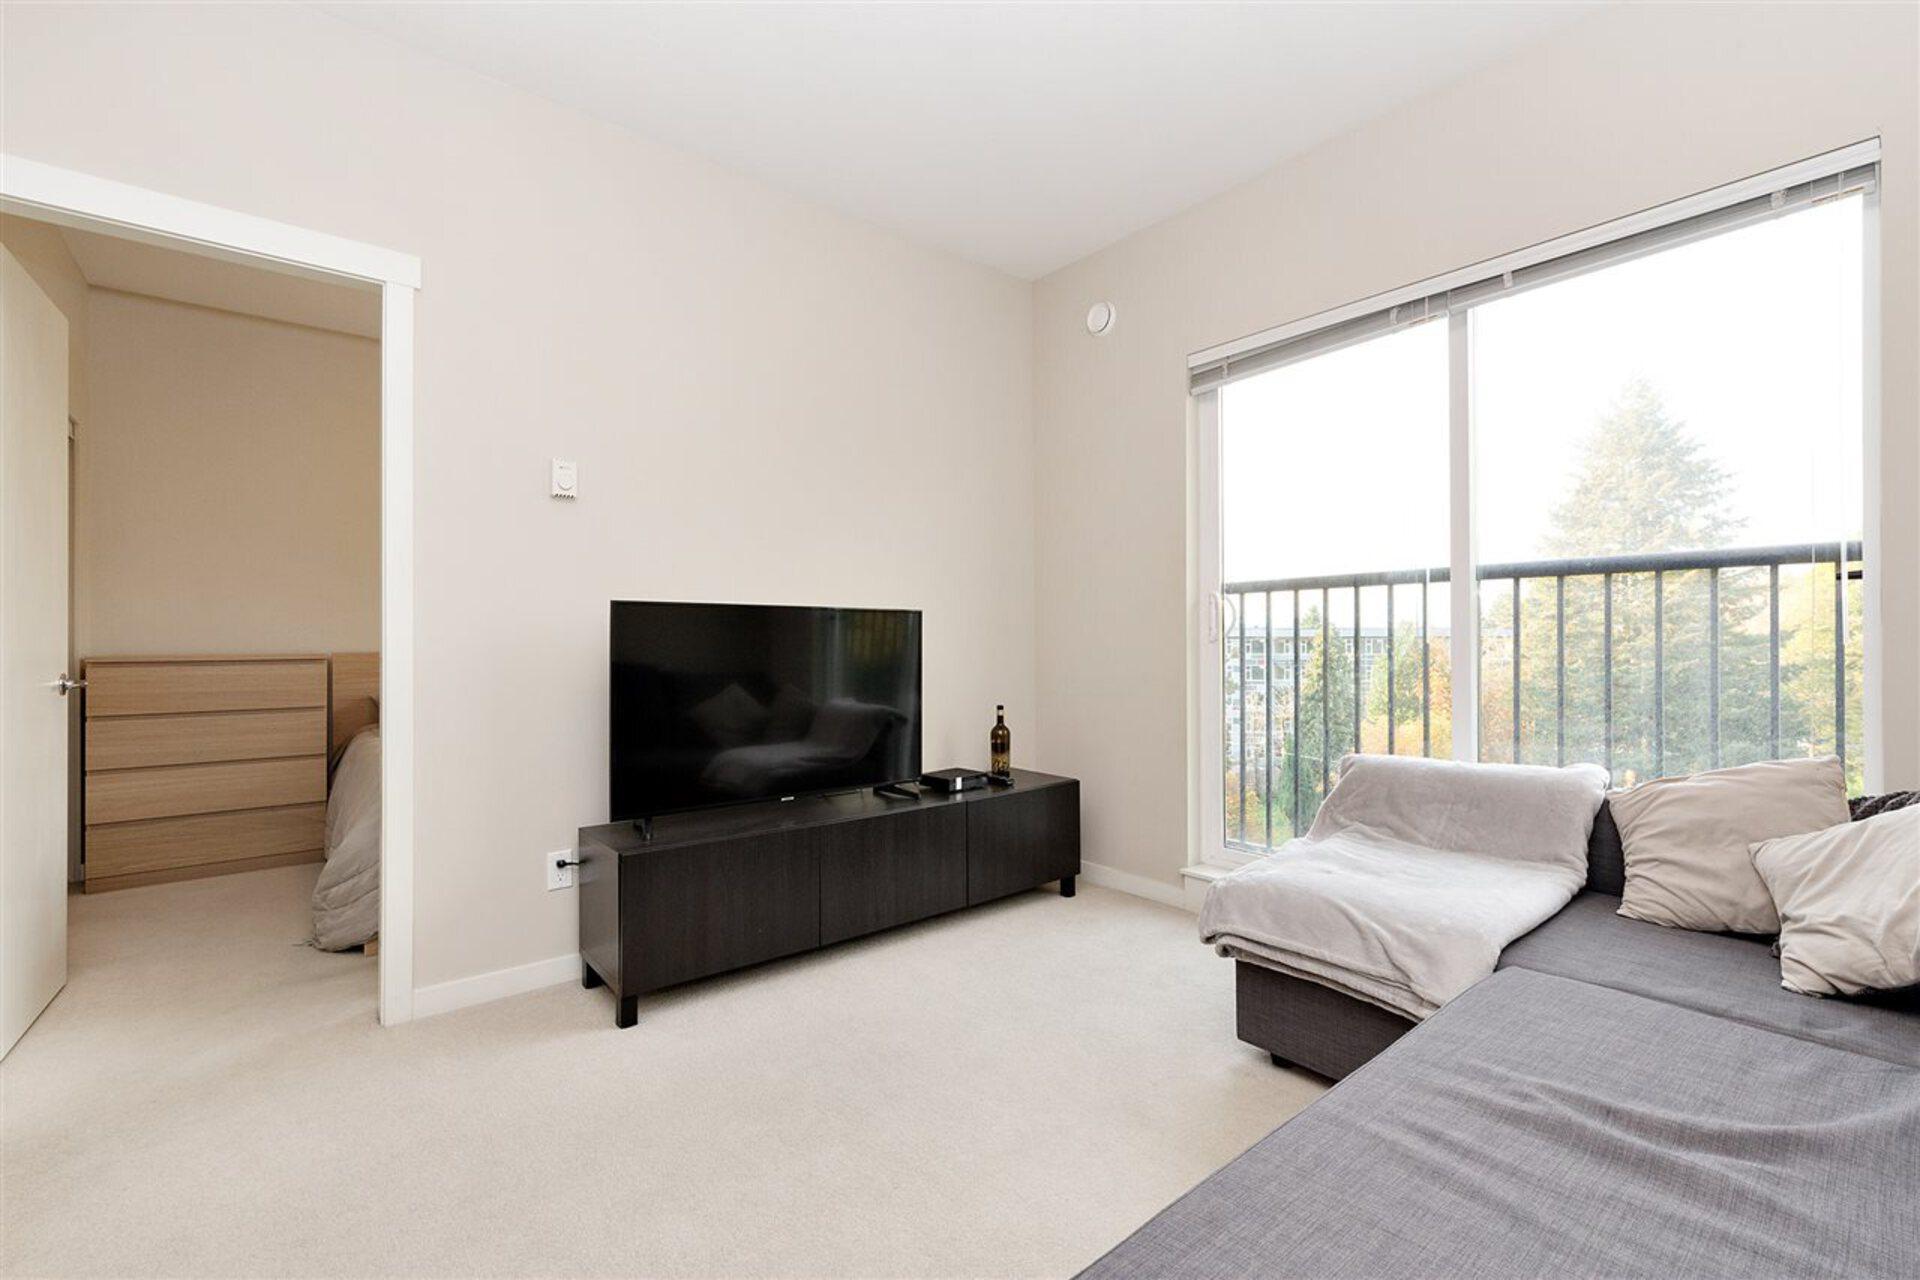 13728-108-avenue-whalley-north-surrey-03 at 434 - 13728 108 Avenue, Whalley, North Surrey